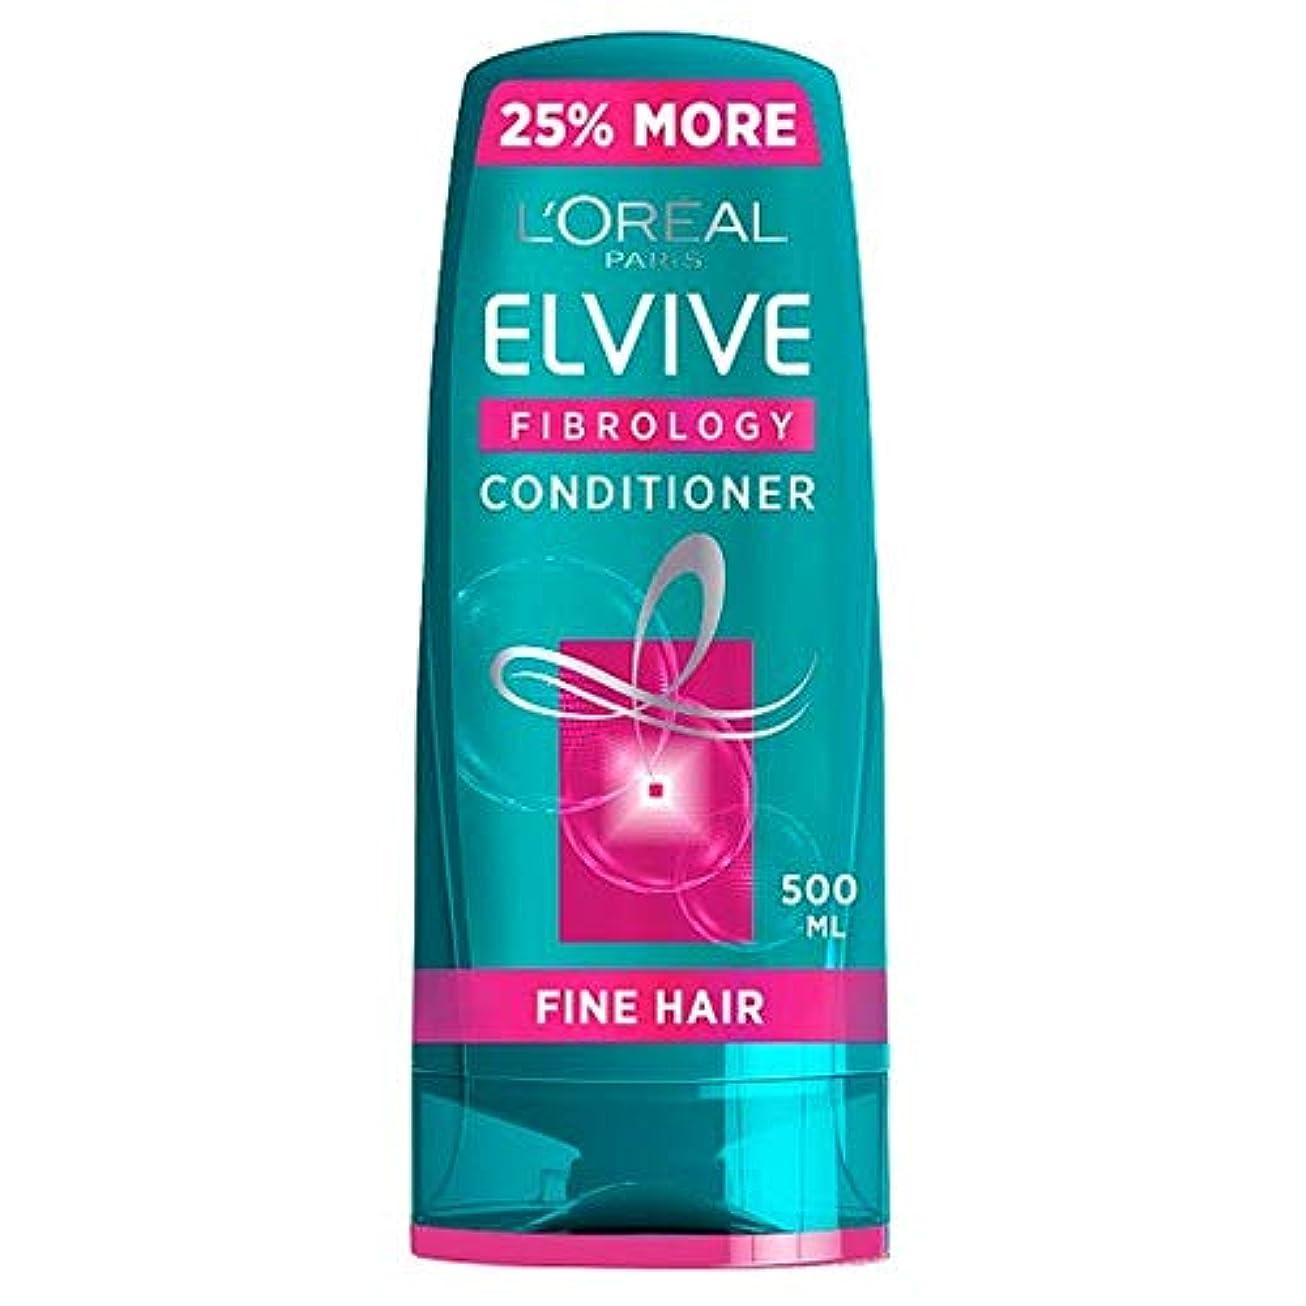 磁石行為名目上の[Elvive] ロレアルElvive Fibroligy細いヘアコンディショナー500ミリリットル - L'oreal Elvive Fibroligy Fine Hair Conditioner 500Ml [並行輸入品]